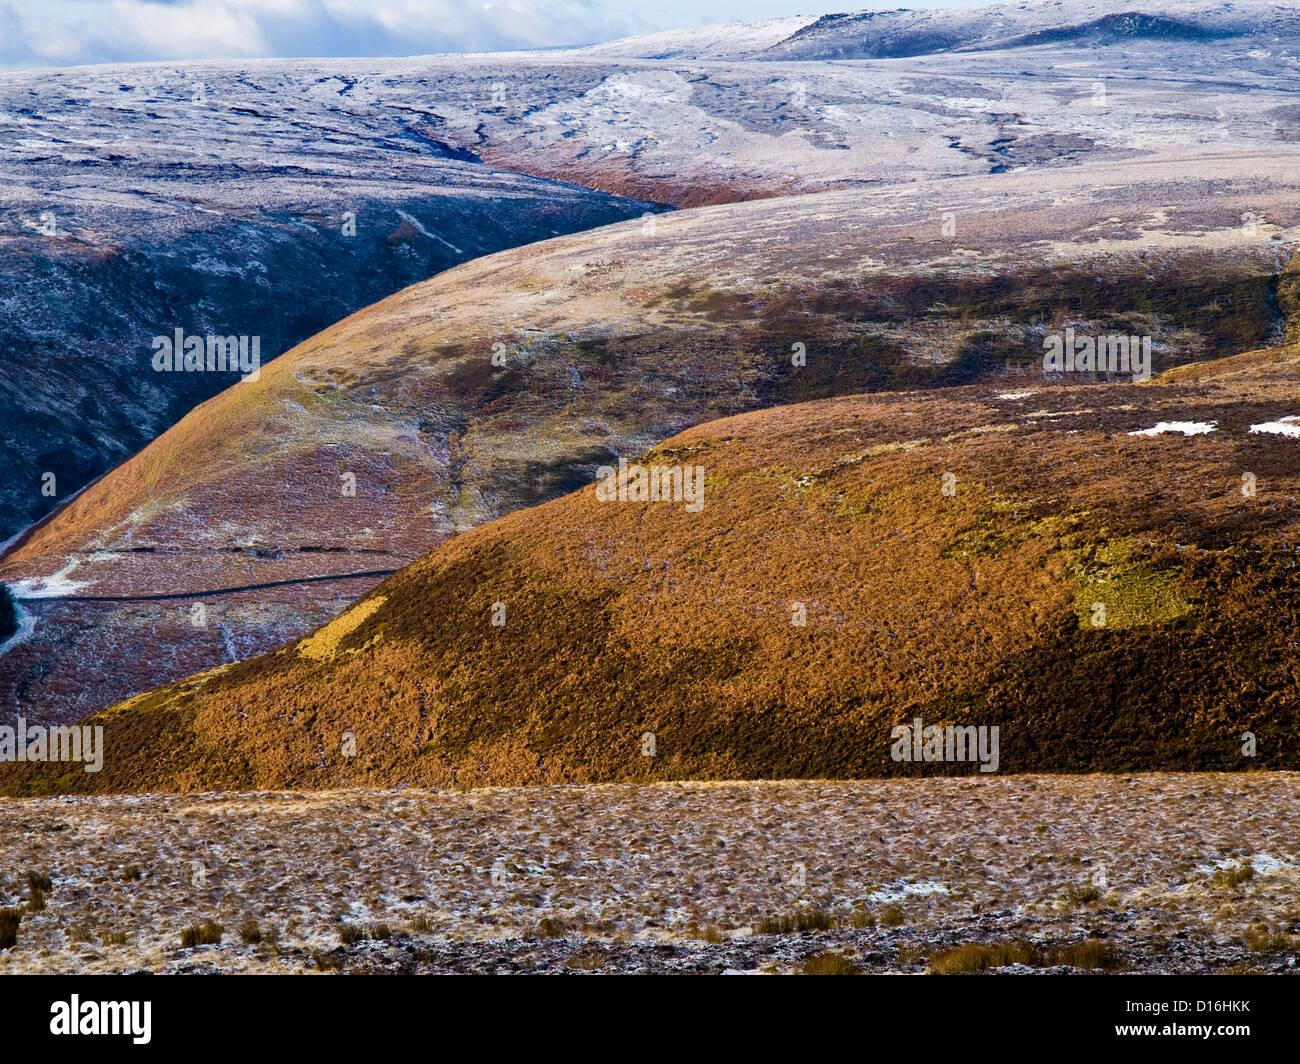 Dark Peak moorland around the Upper Derwent Valley, Peak District National Park - Stock Image